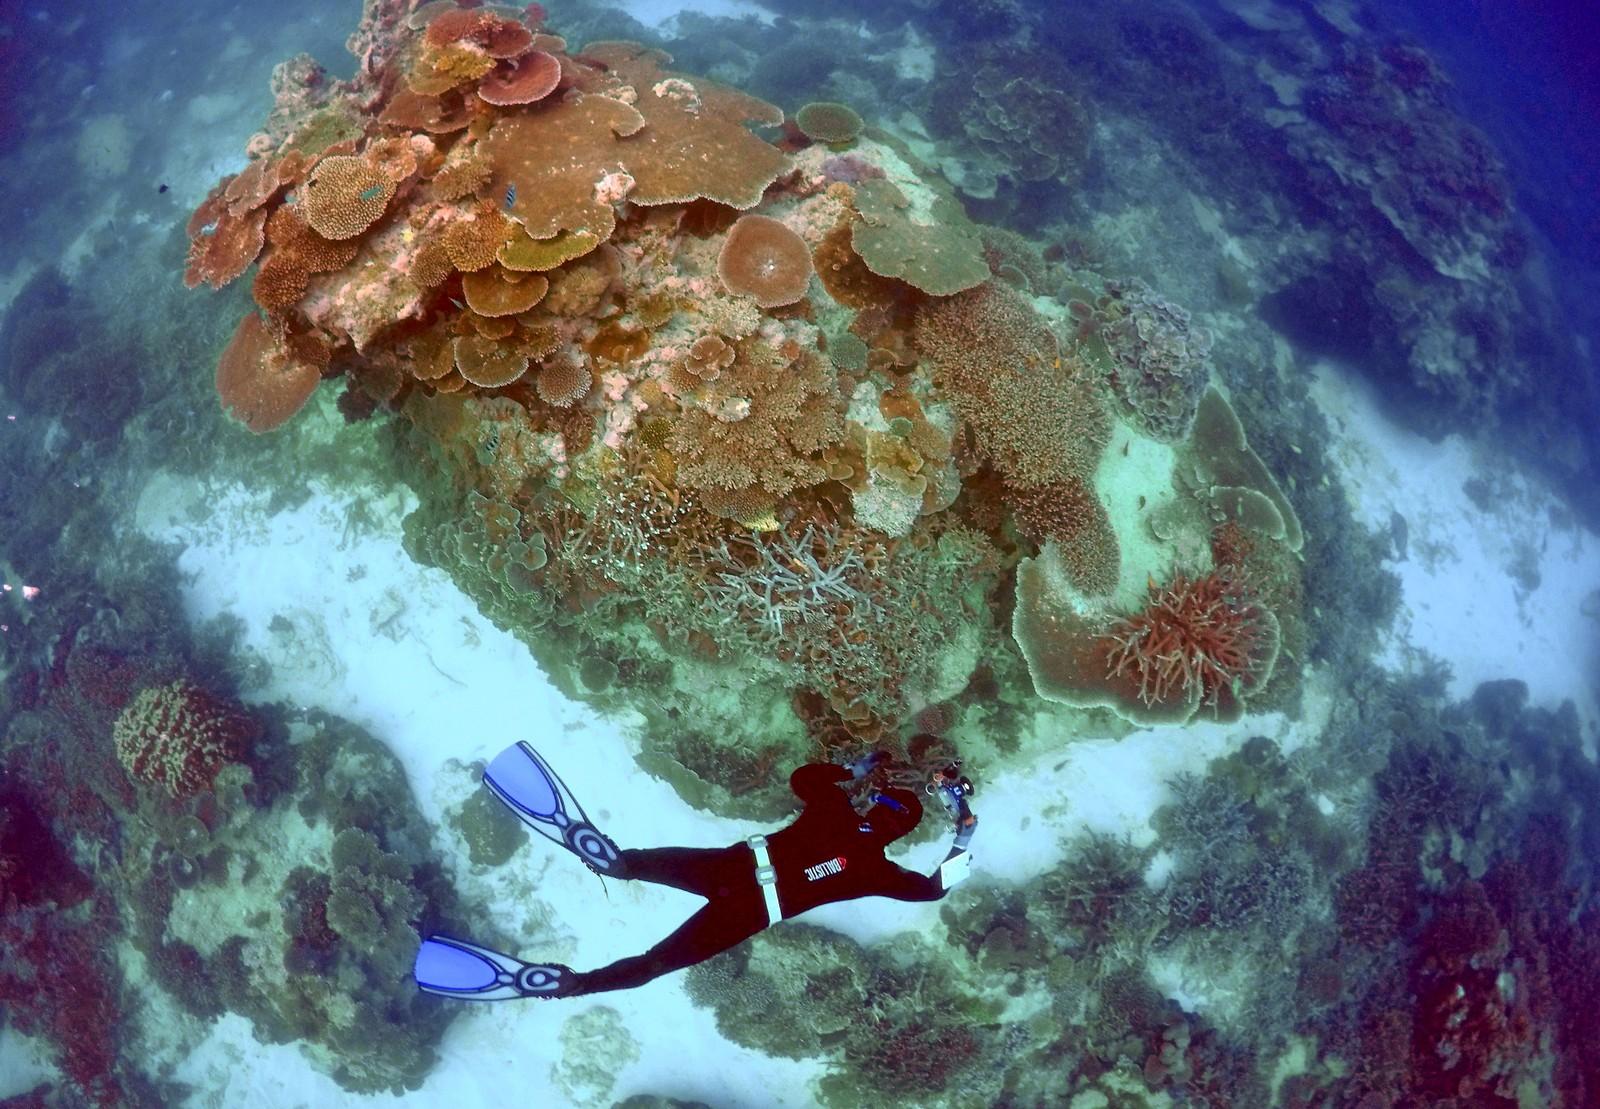 En av de ansatte i Queensland park og dyrelivstjenesten undersøker korallene utenfor øya Lady Elliot på Australias østkyst, som utgjør en del av Great Barrier Reef.